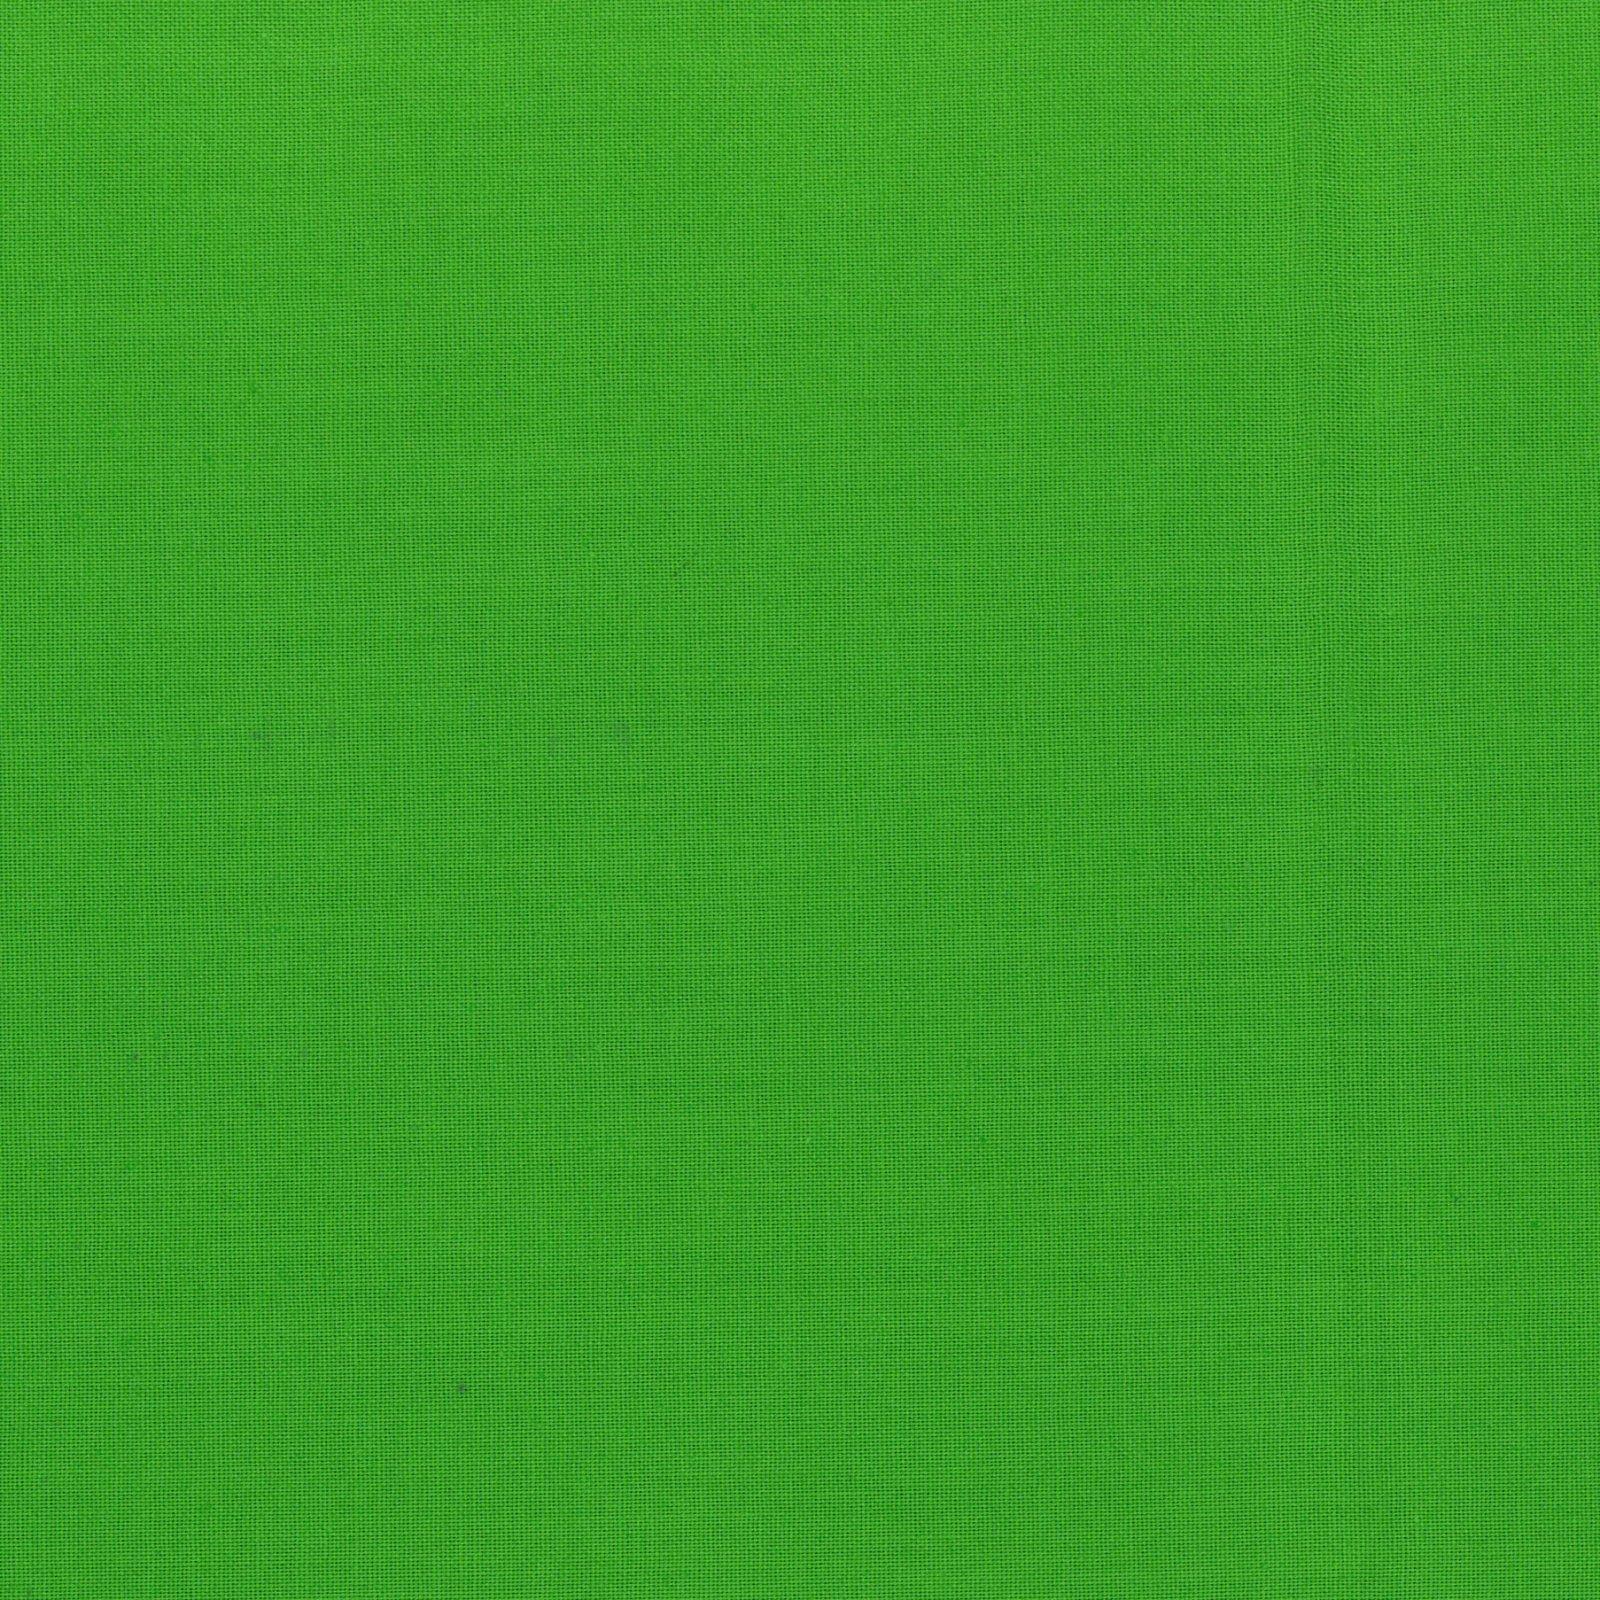 Painters Palette Solids Mint 121-033